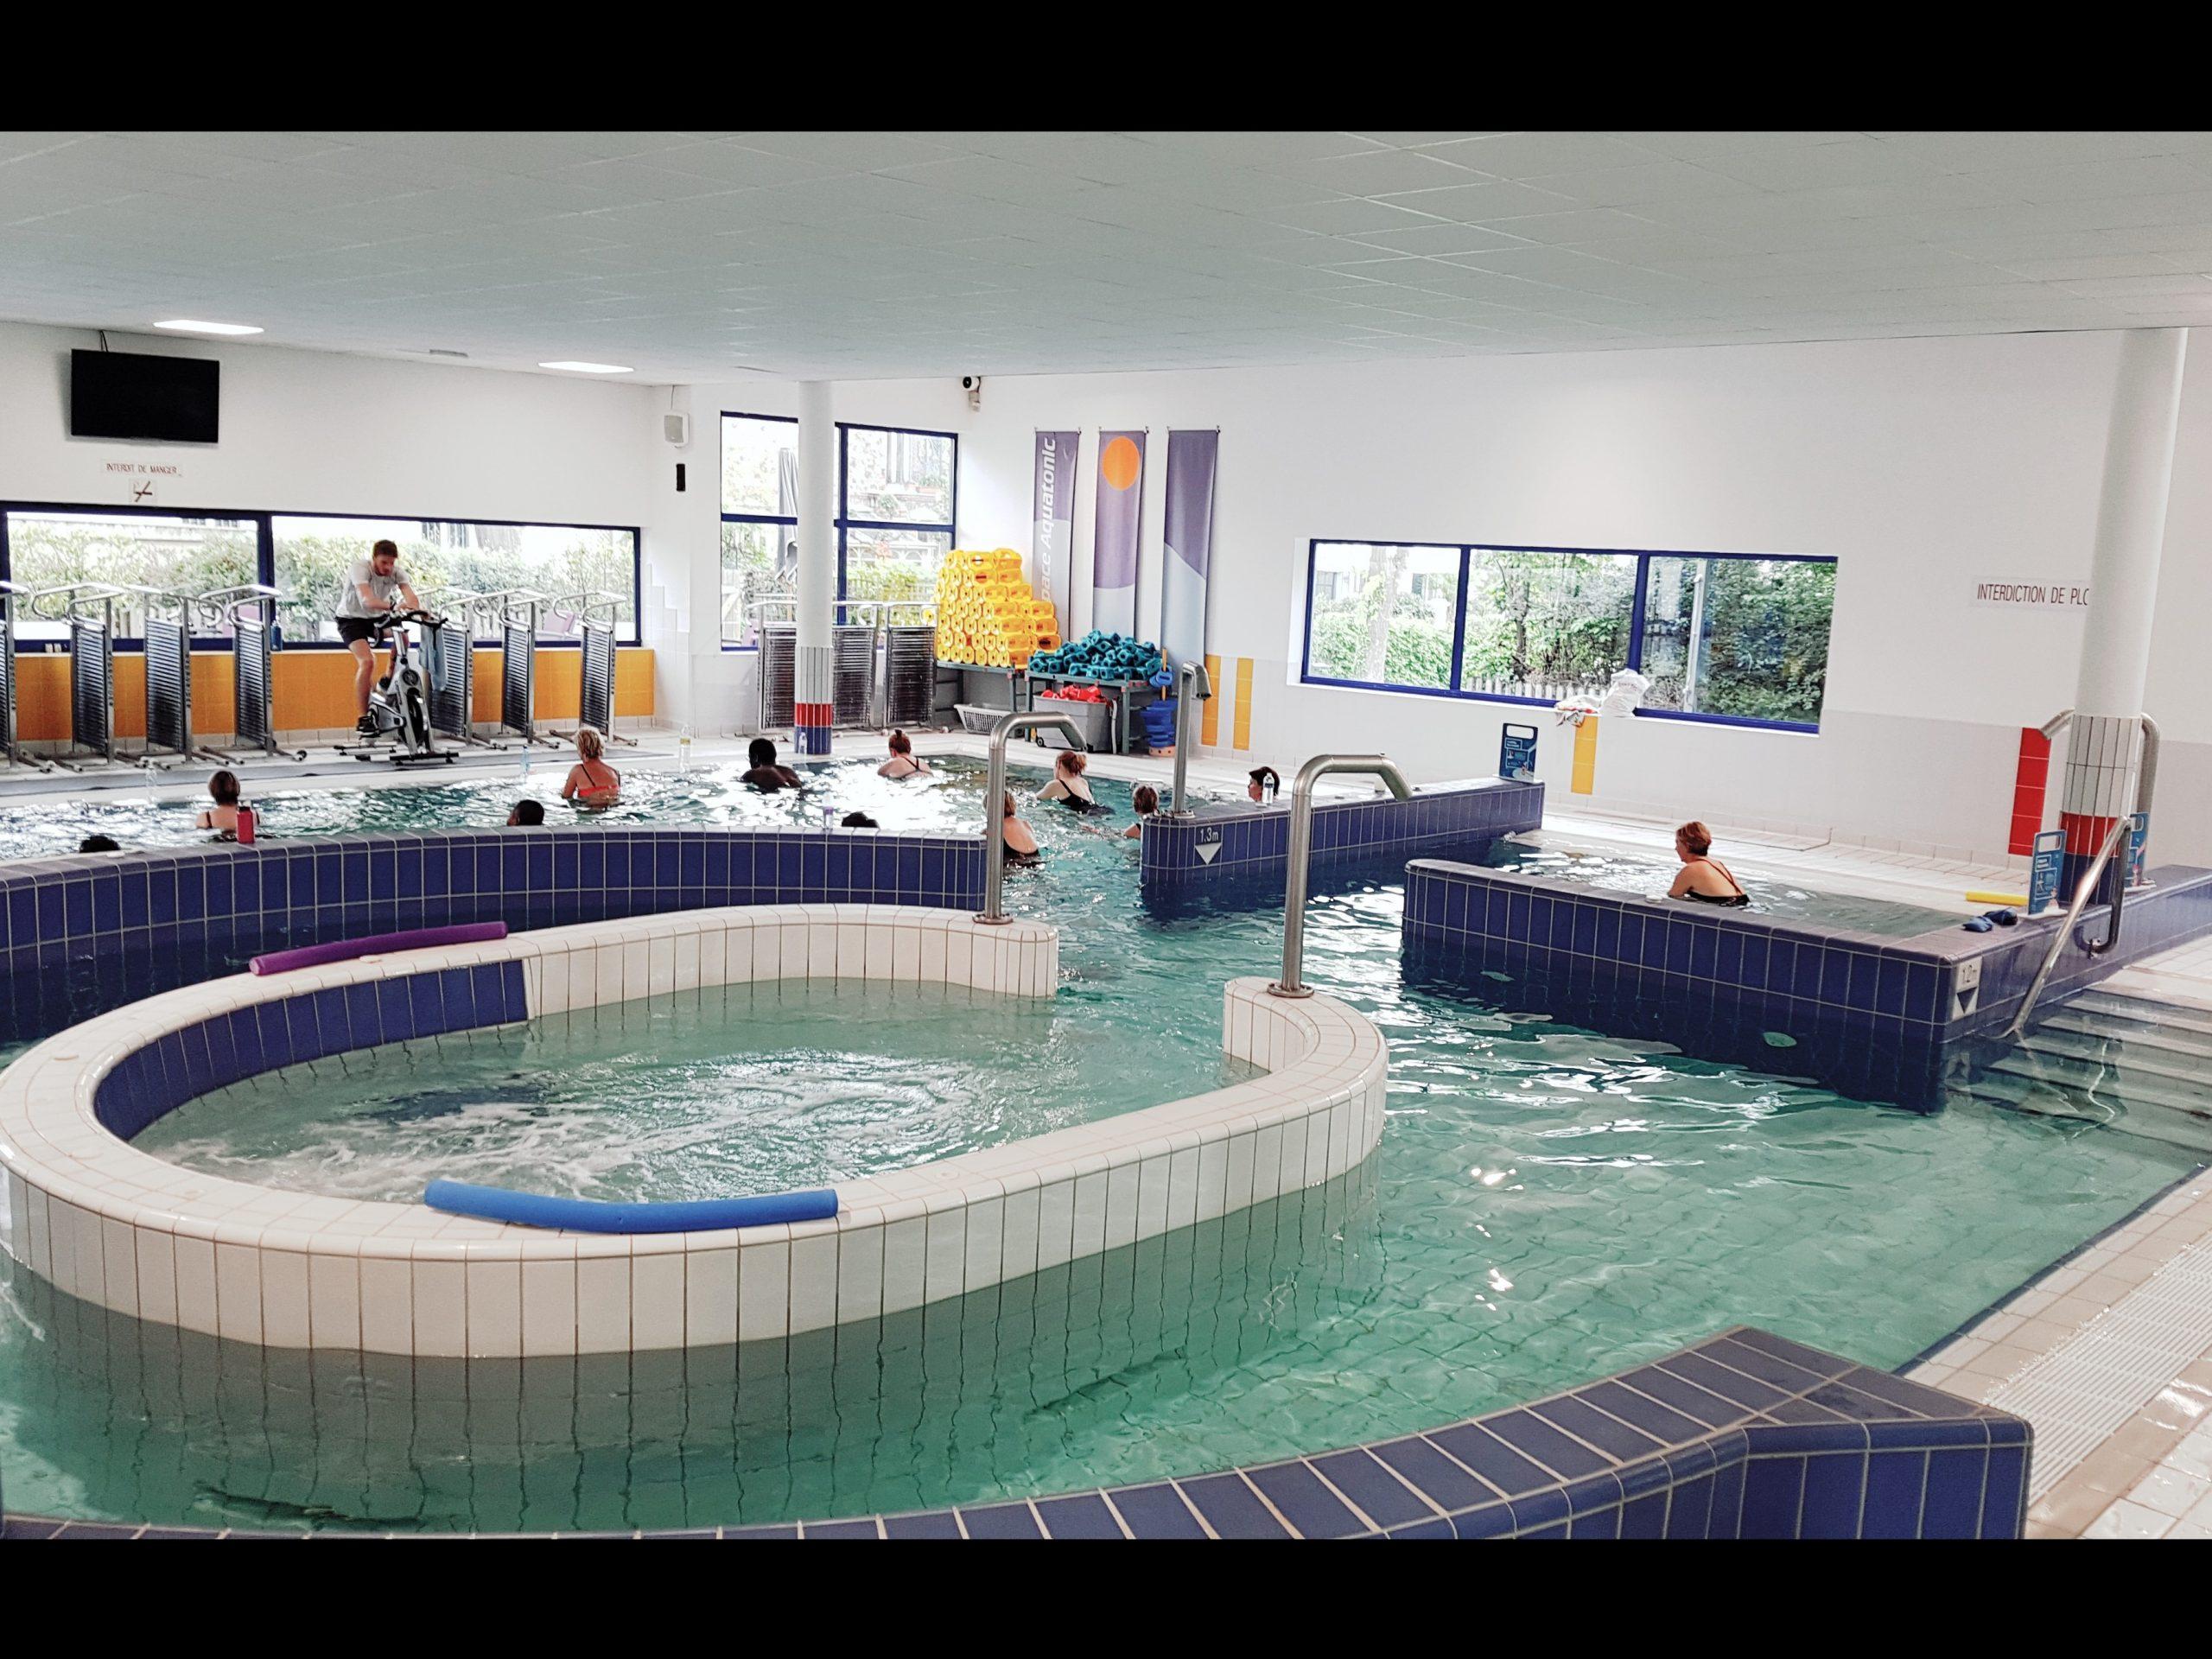 Centre Aquatique De Bois Colombes À Bois-Colombes | Tarifs ... intérieur Piscine De Bois Colombes